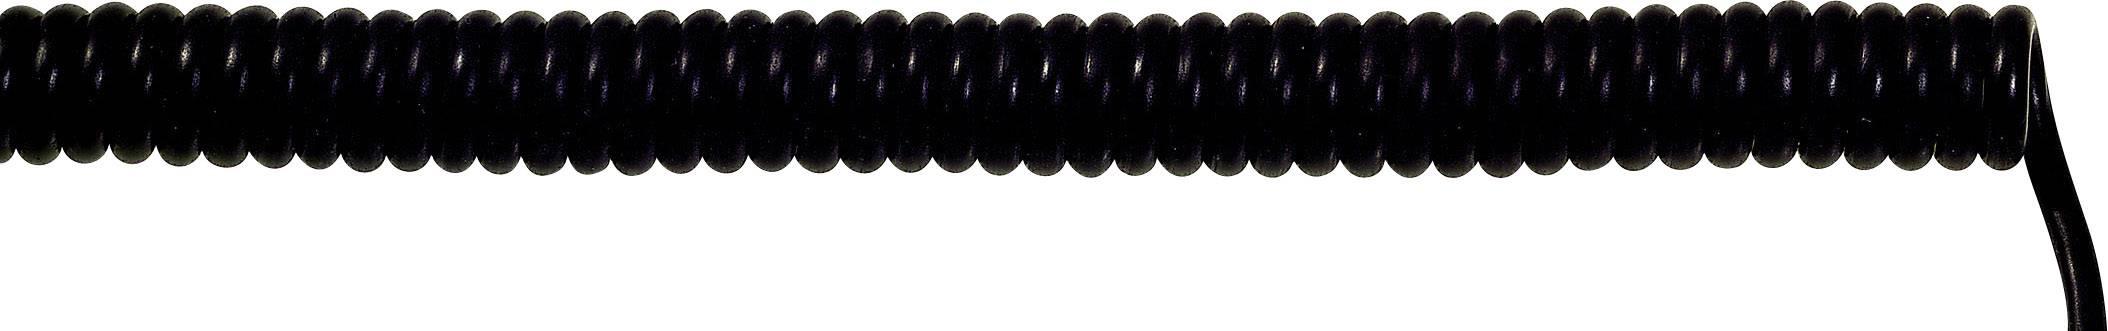 Špirálový kábel 73220227 UNITRONIC® SPIRAL 7 x 0.14 mm², 300 mm / 1200 mm, čierna